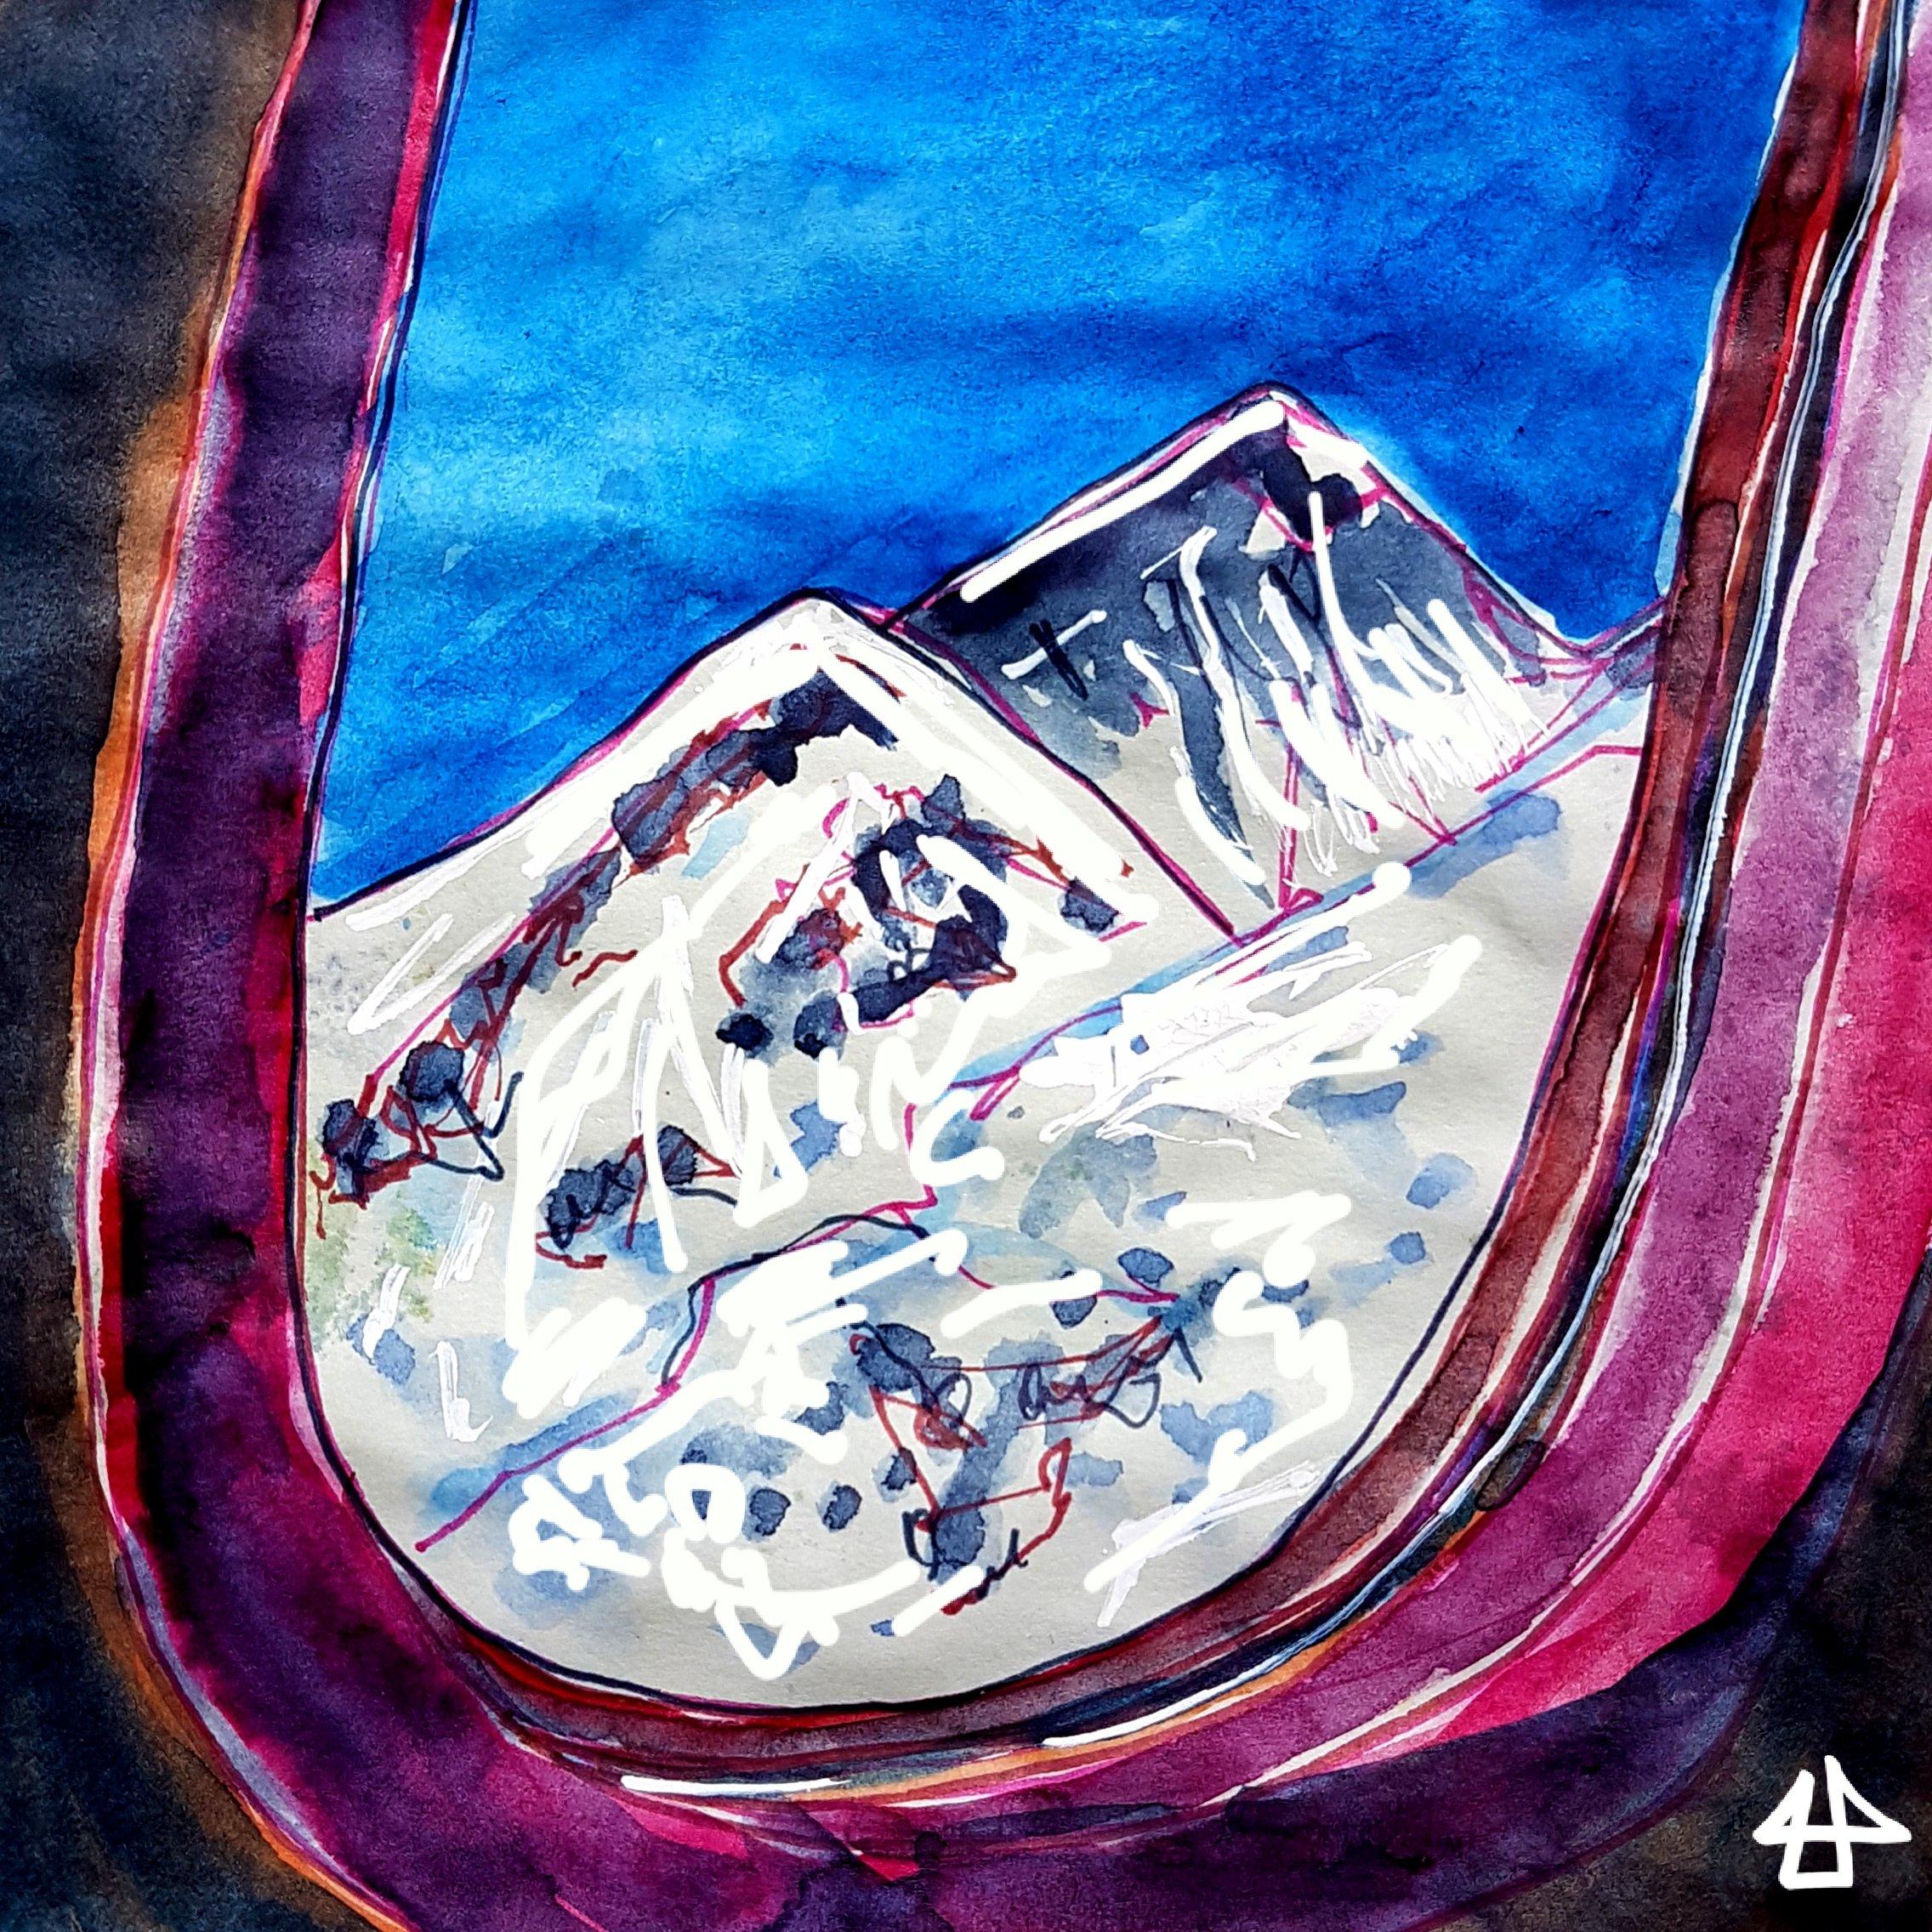 Aquarellierte Zeichnung: Blick aus einem Flugzeugfenster auf die Spitzen des Mount Everest, alles in Blau und Lilatönen.